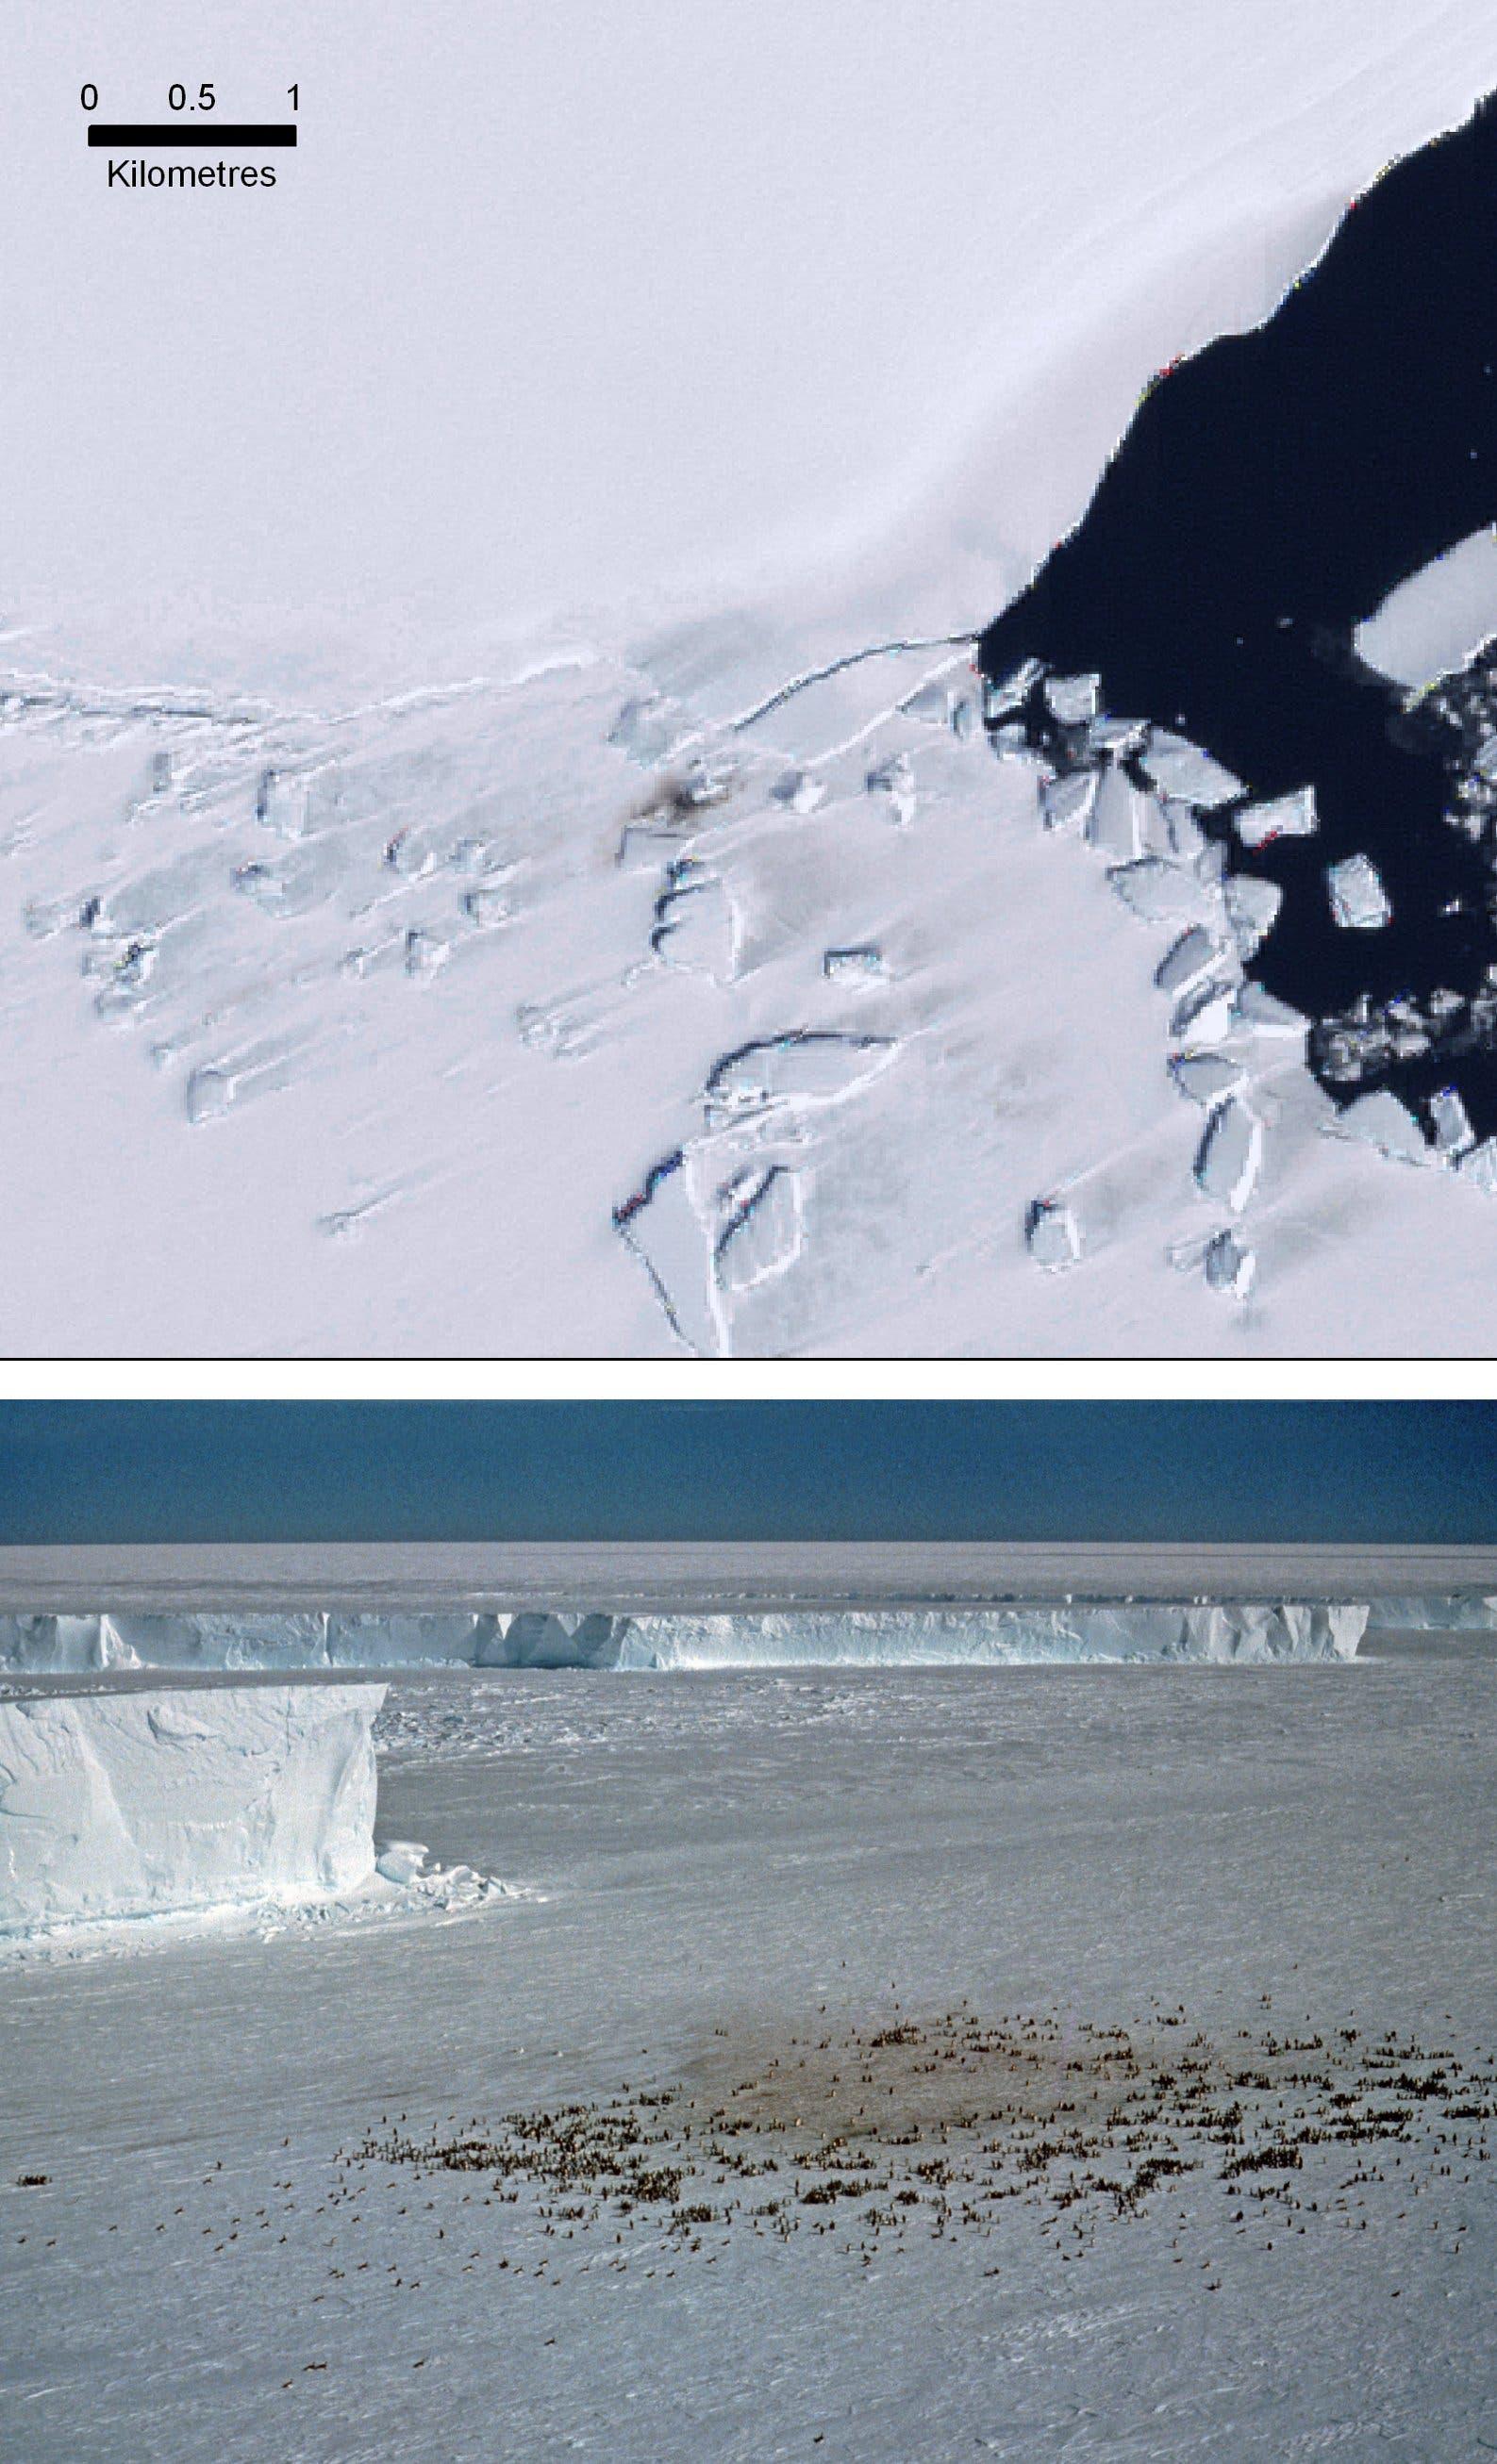 Verräterische Spuren: Pinguinkot auf dem Eis